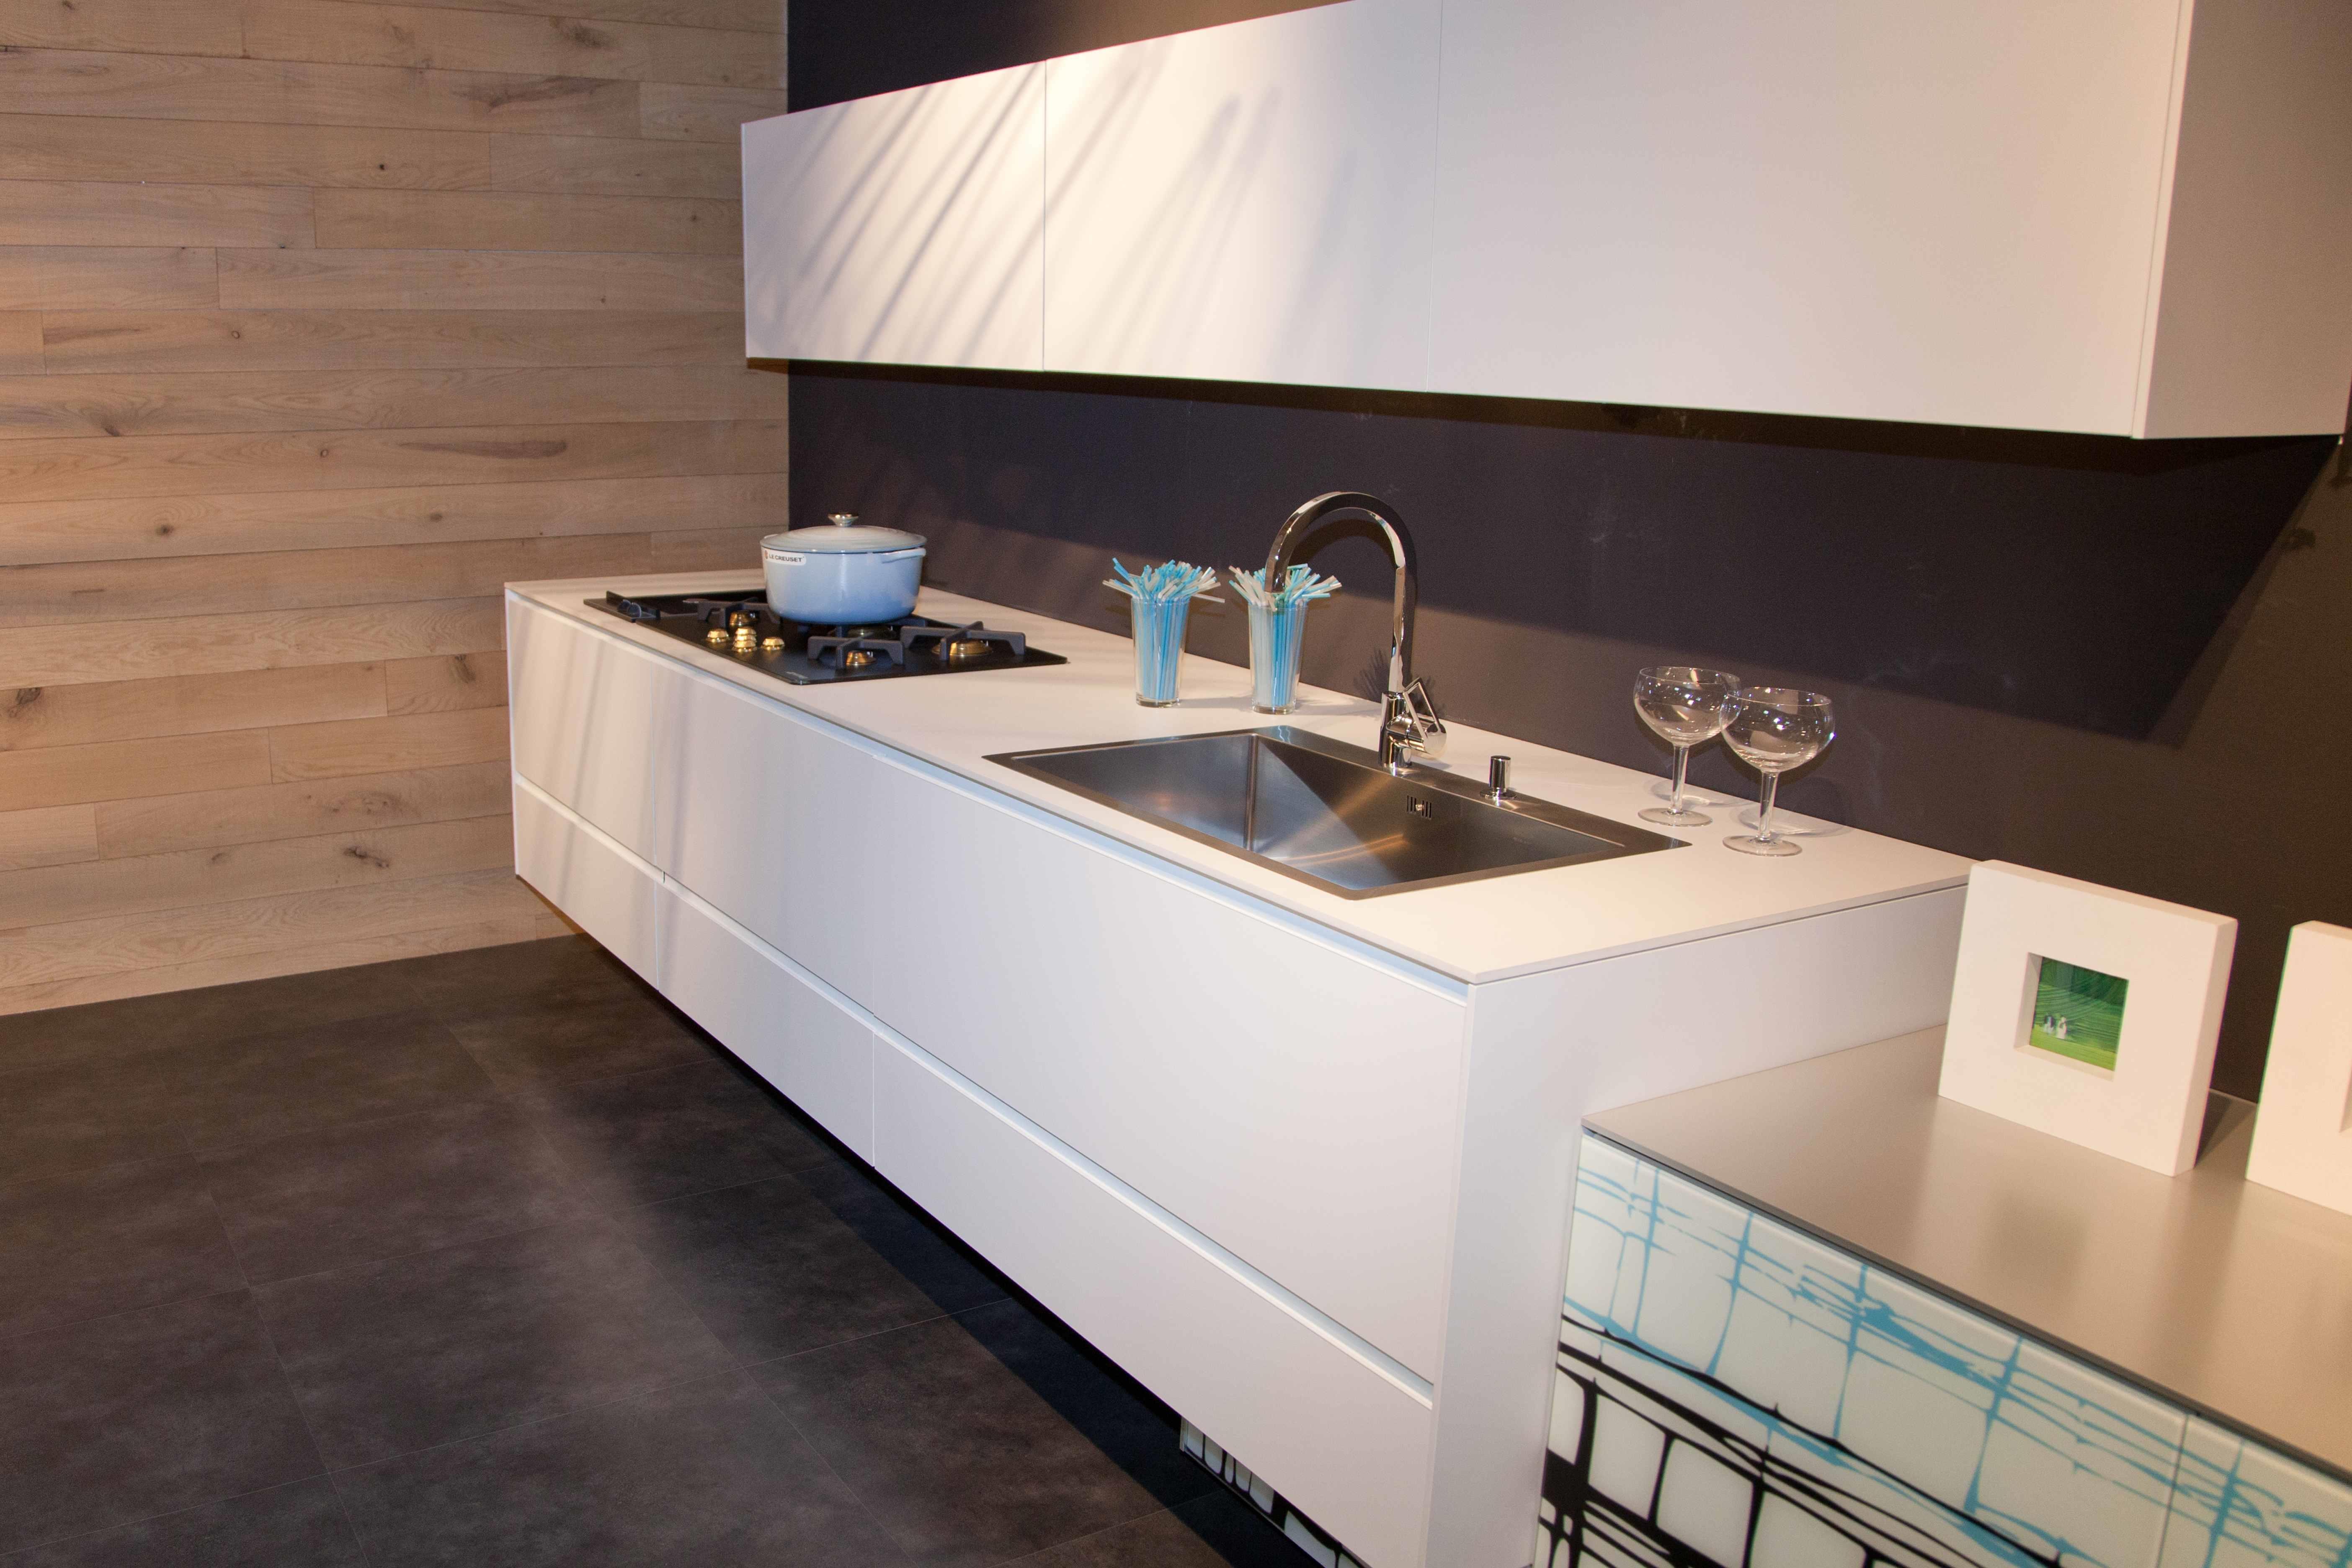 Valcucine cucina riciclantica laminato full color grigio e bianco moderna laminato opaco bianca - Laminato in cucina ...